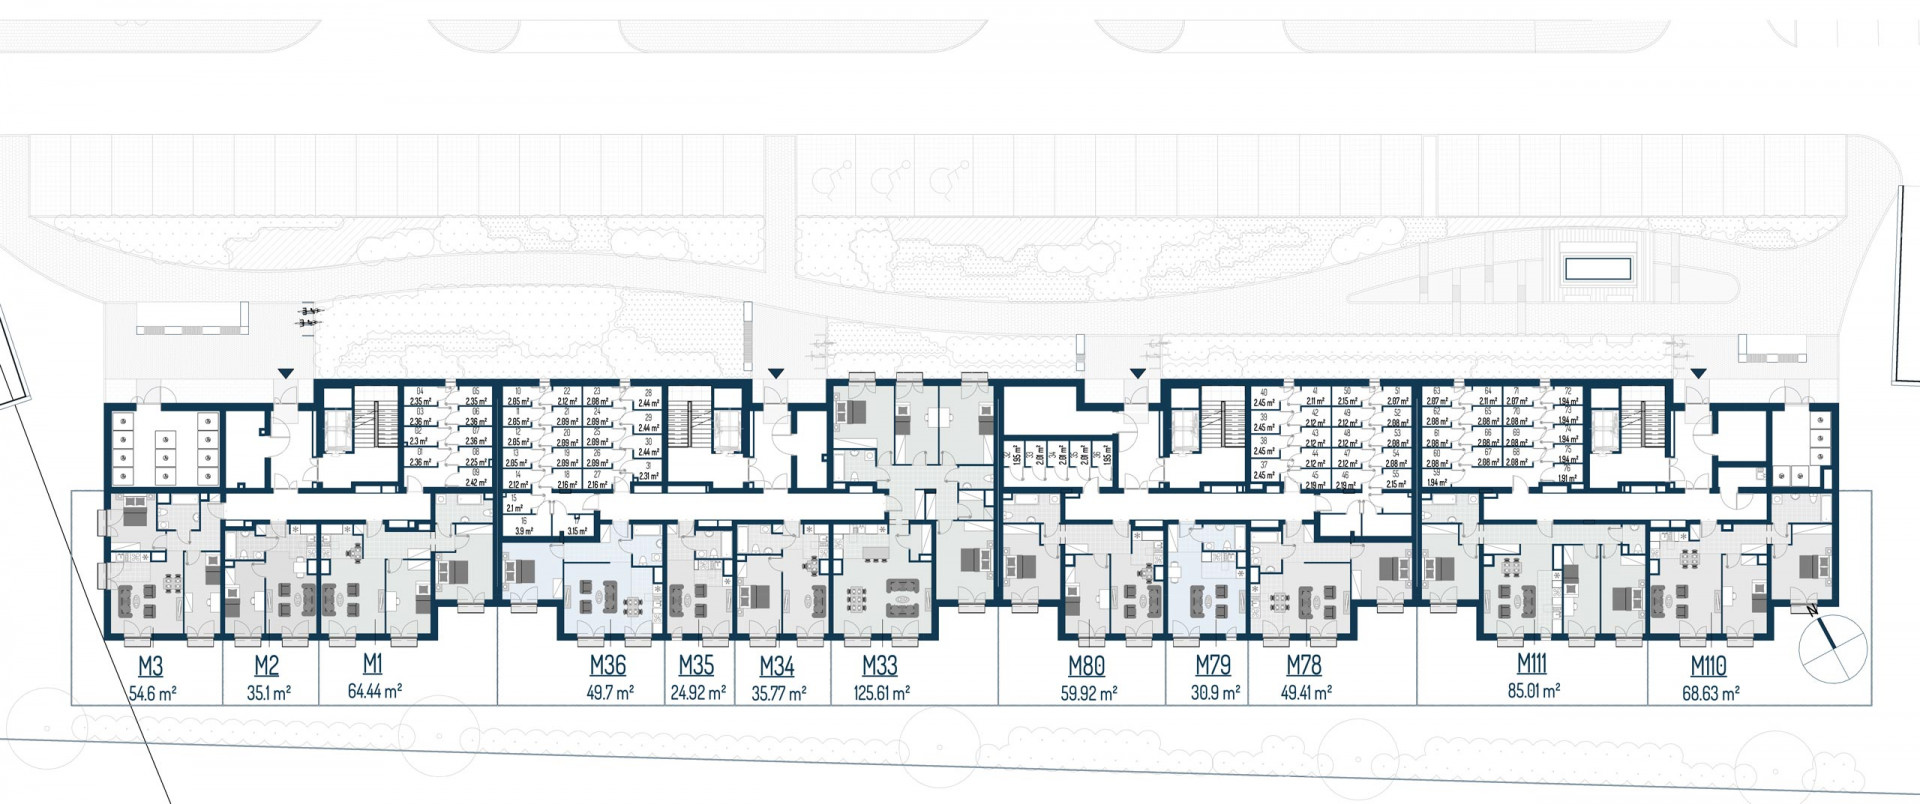 Zdrowe Stylove / budynek 2 / mieszkanie nr 80 rzut 2